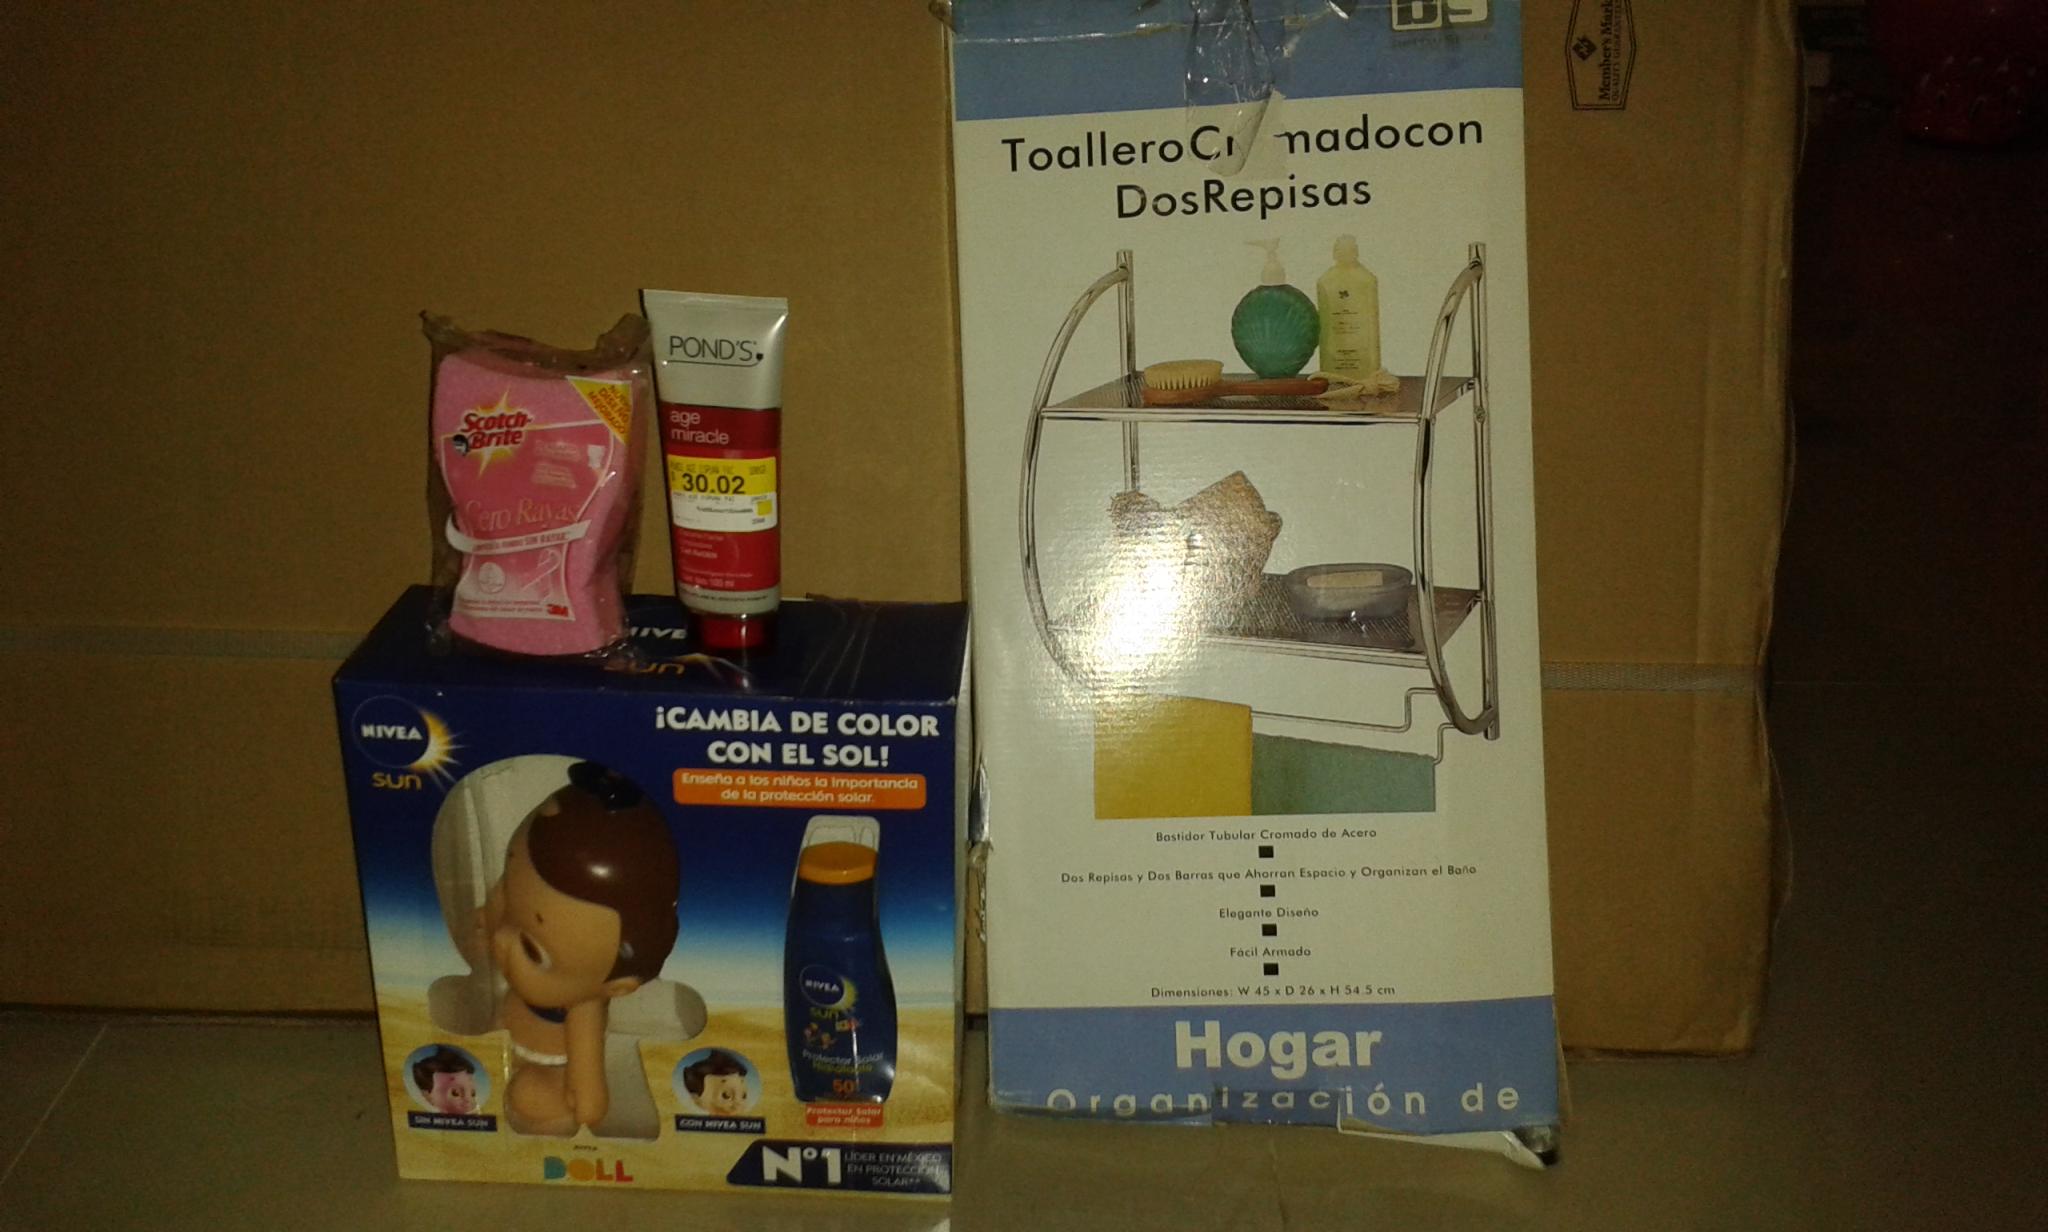 Walmart: Toallero cromado a $35.01 y más